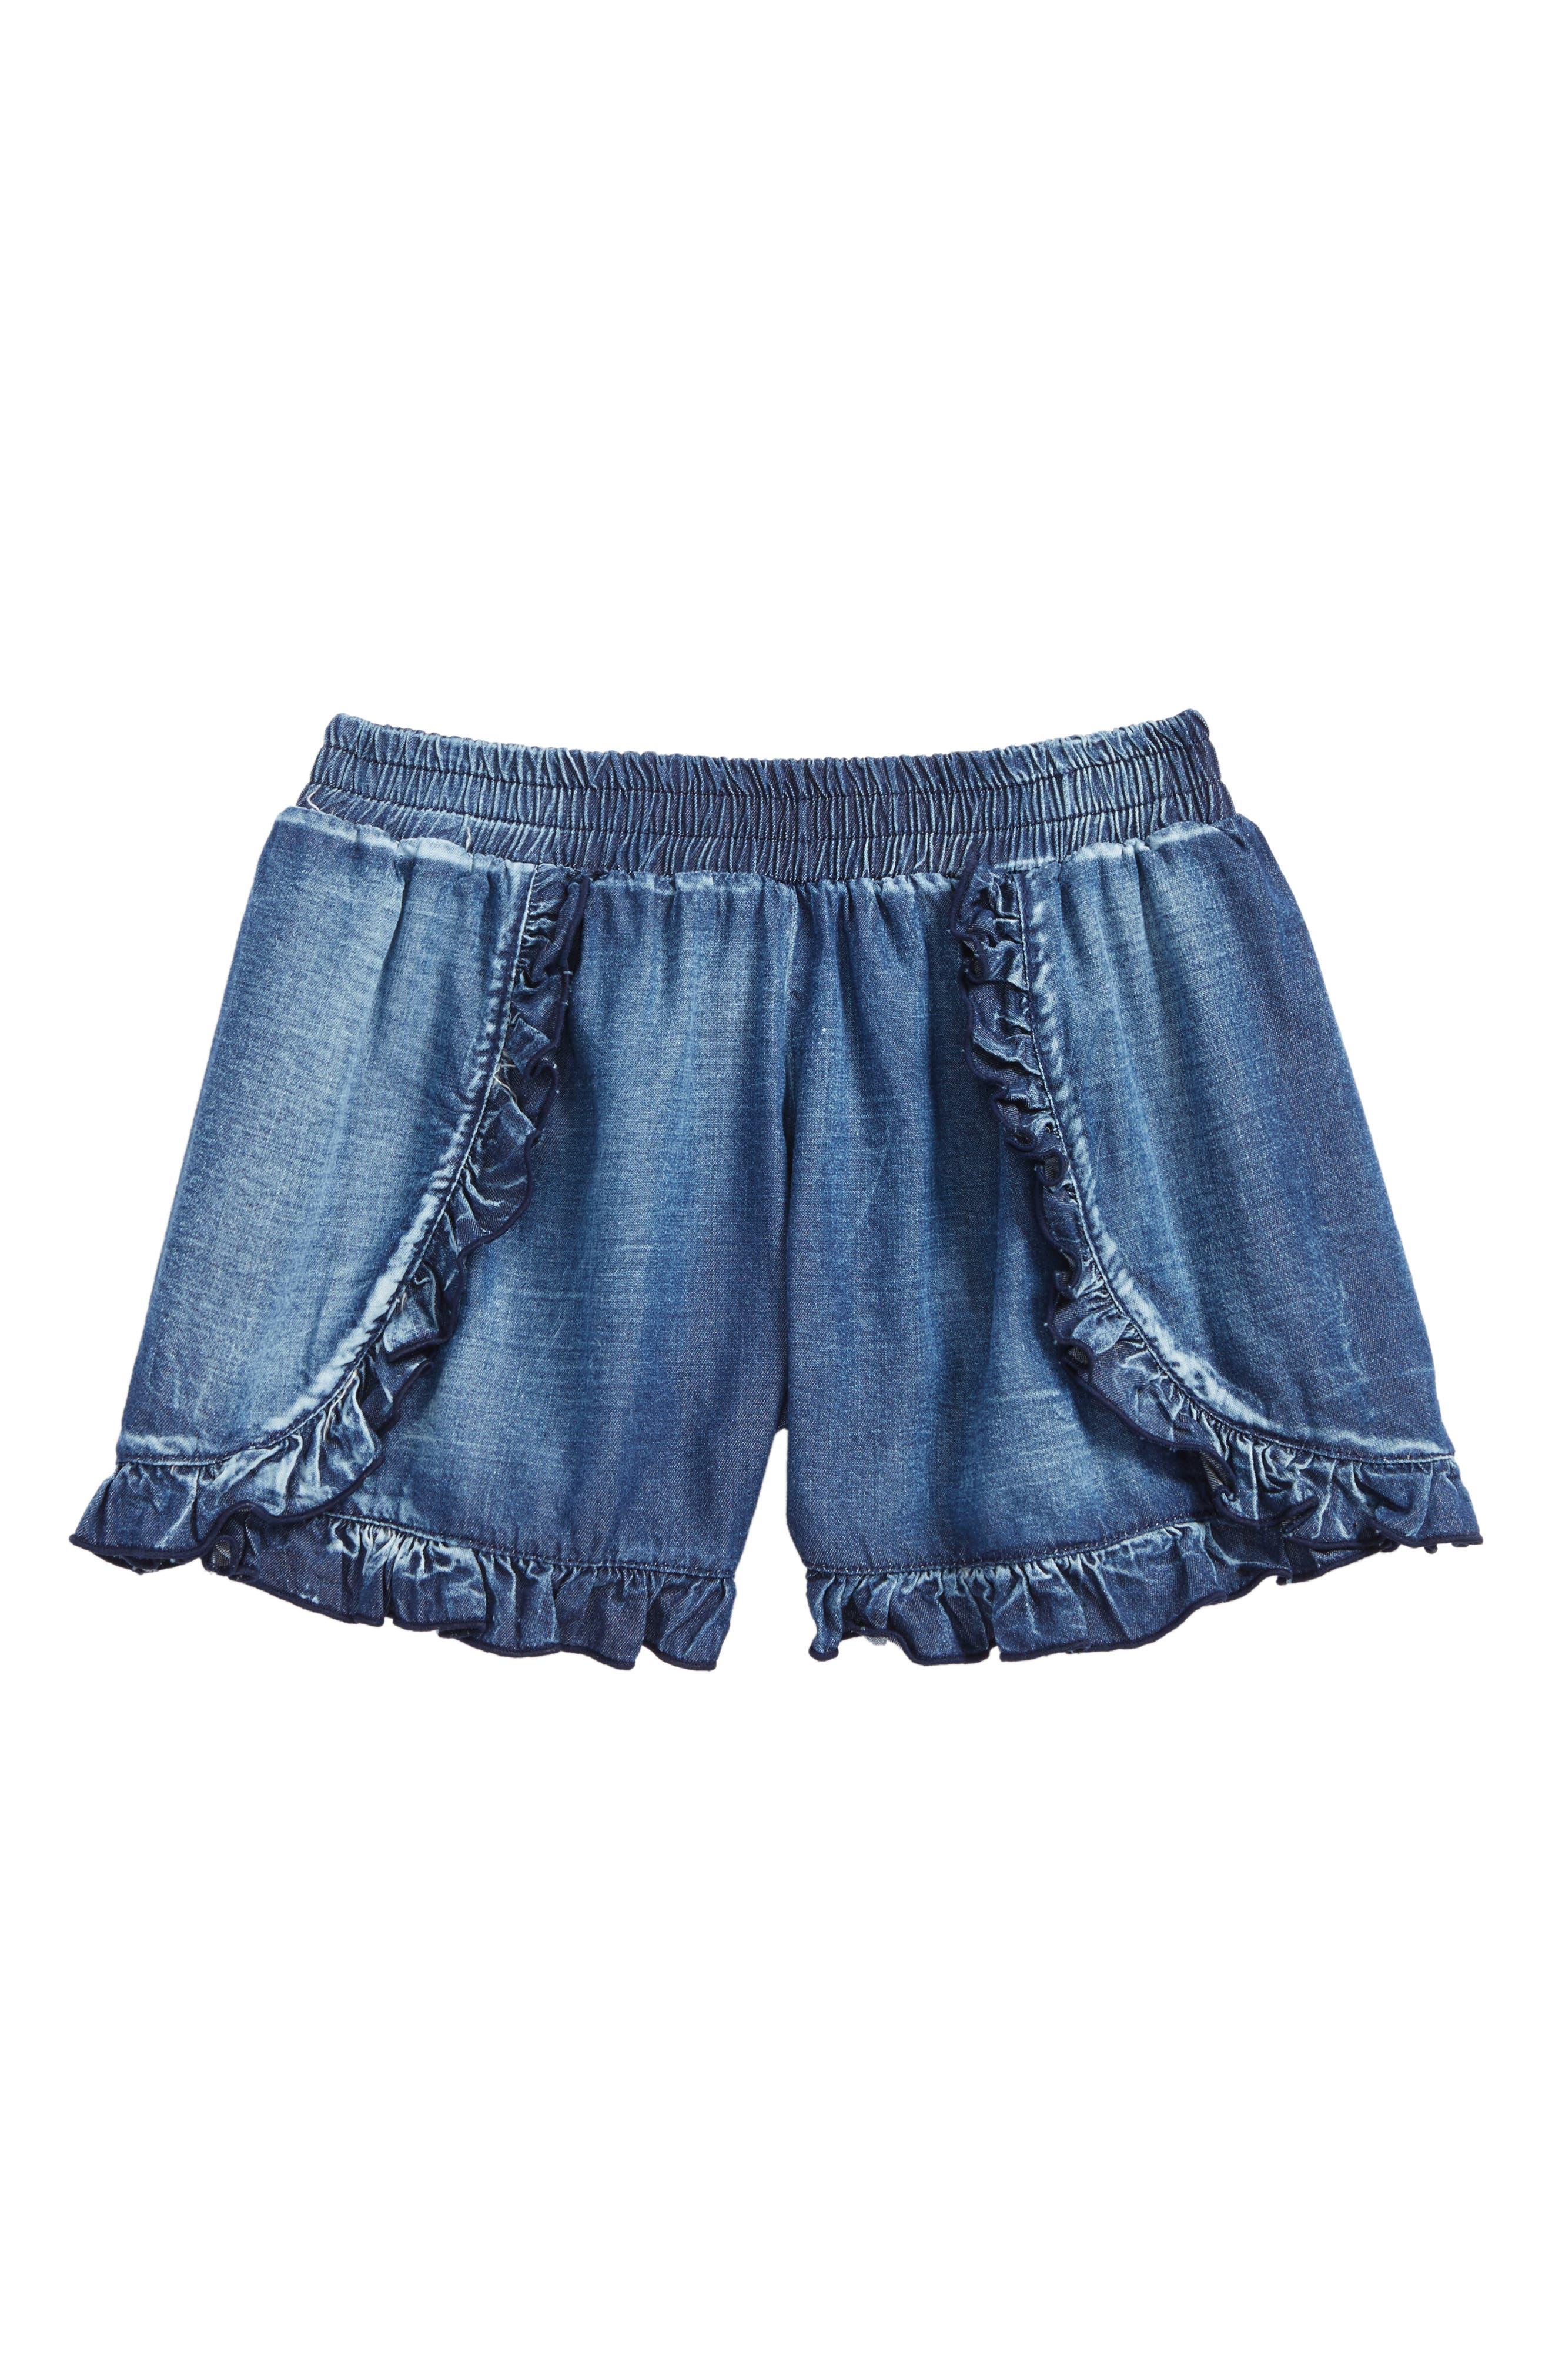 Ruffle Shorts,                         Main,                         color, Denim-Rayodw-Denim-Ws-Rayodw